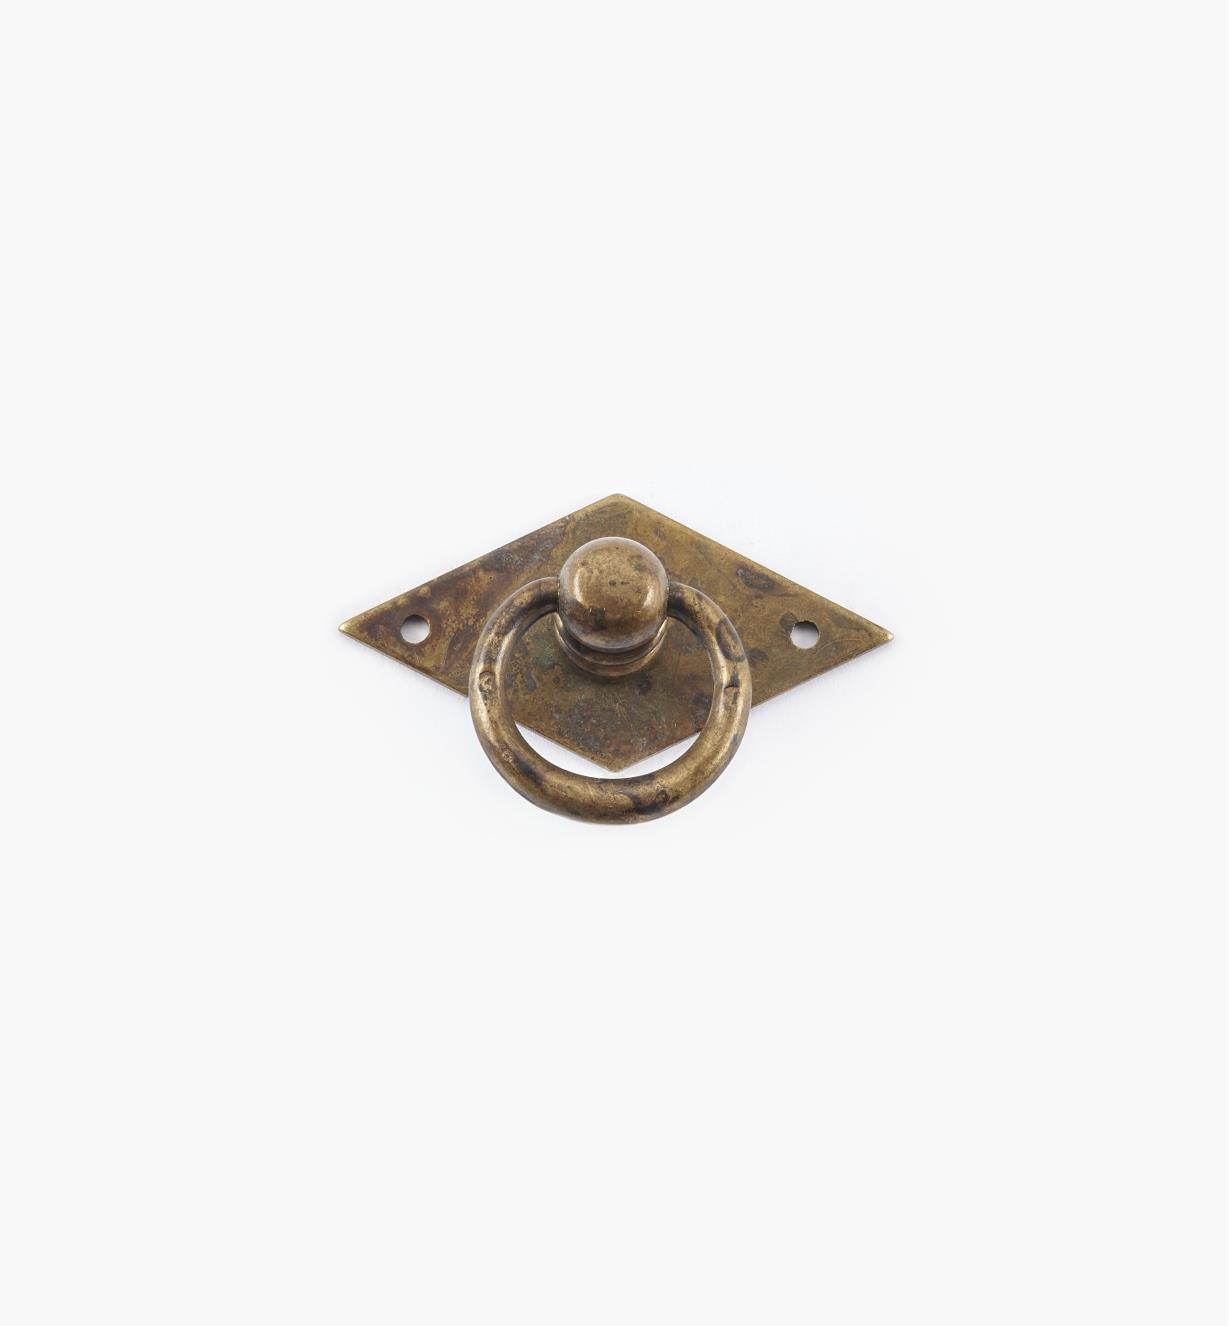 01A6301 - Poignée à anneau fuselé sur platine losange, 50 mm x 33 mm